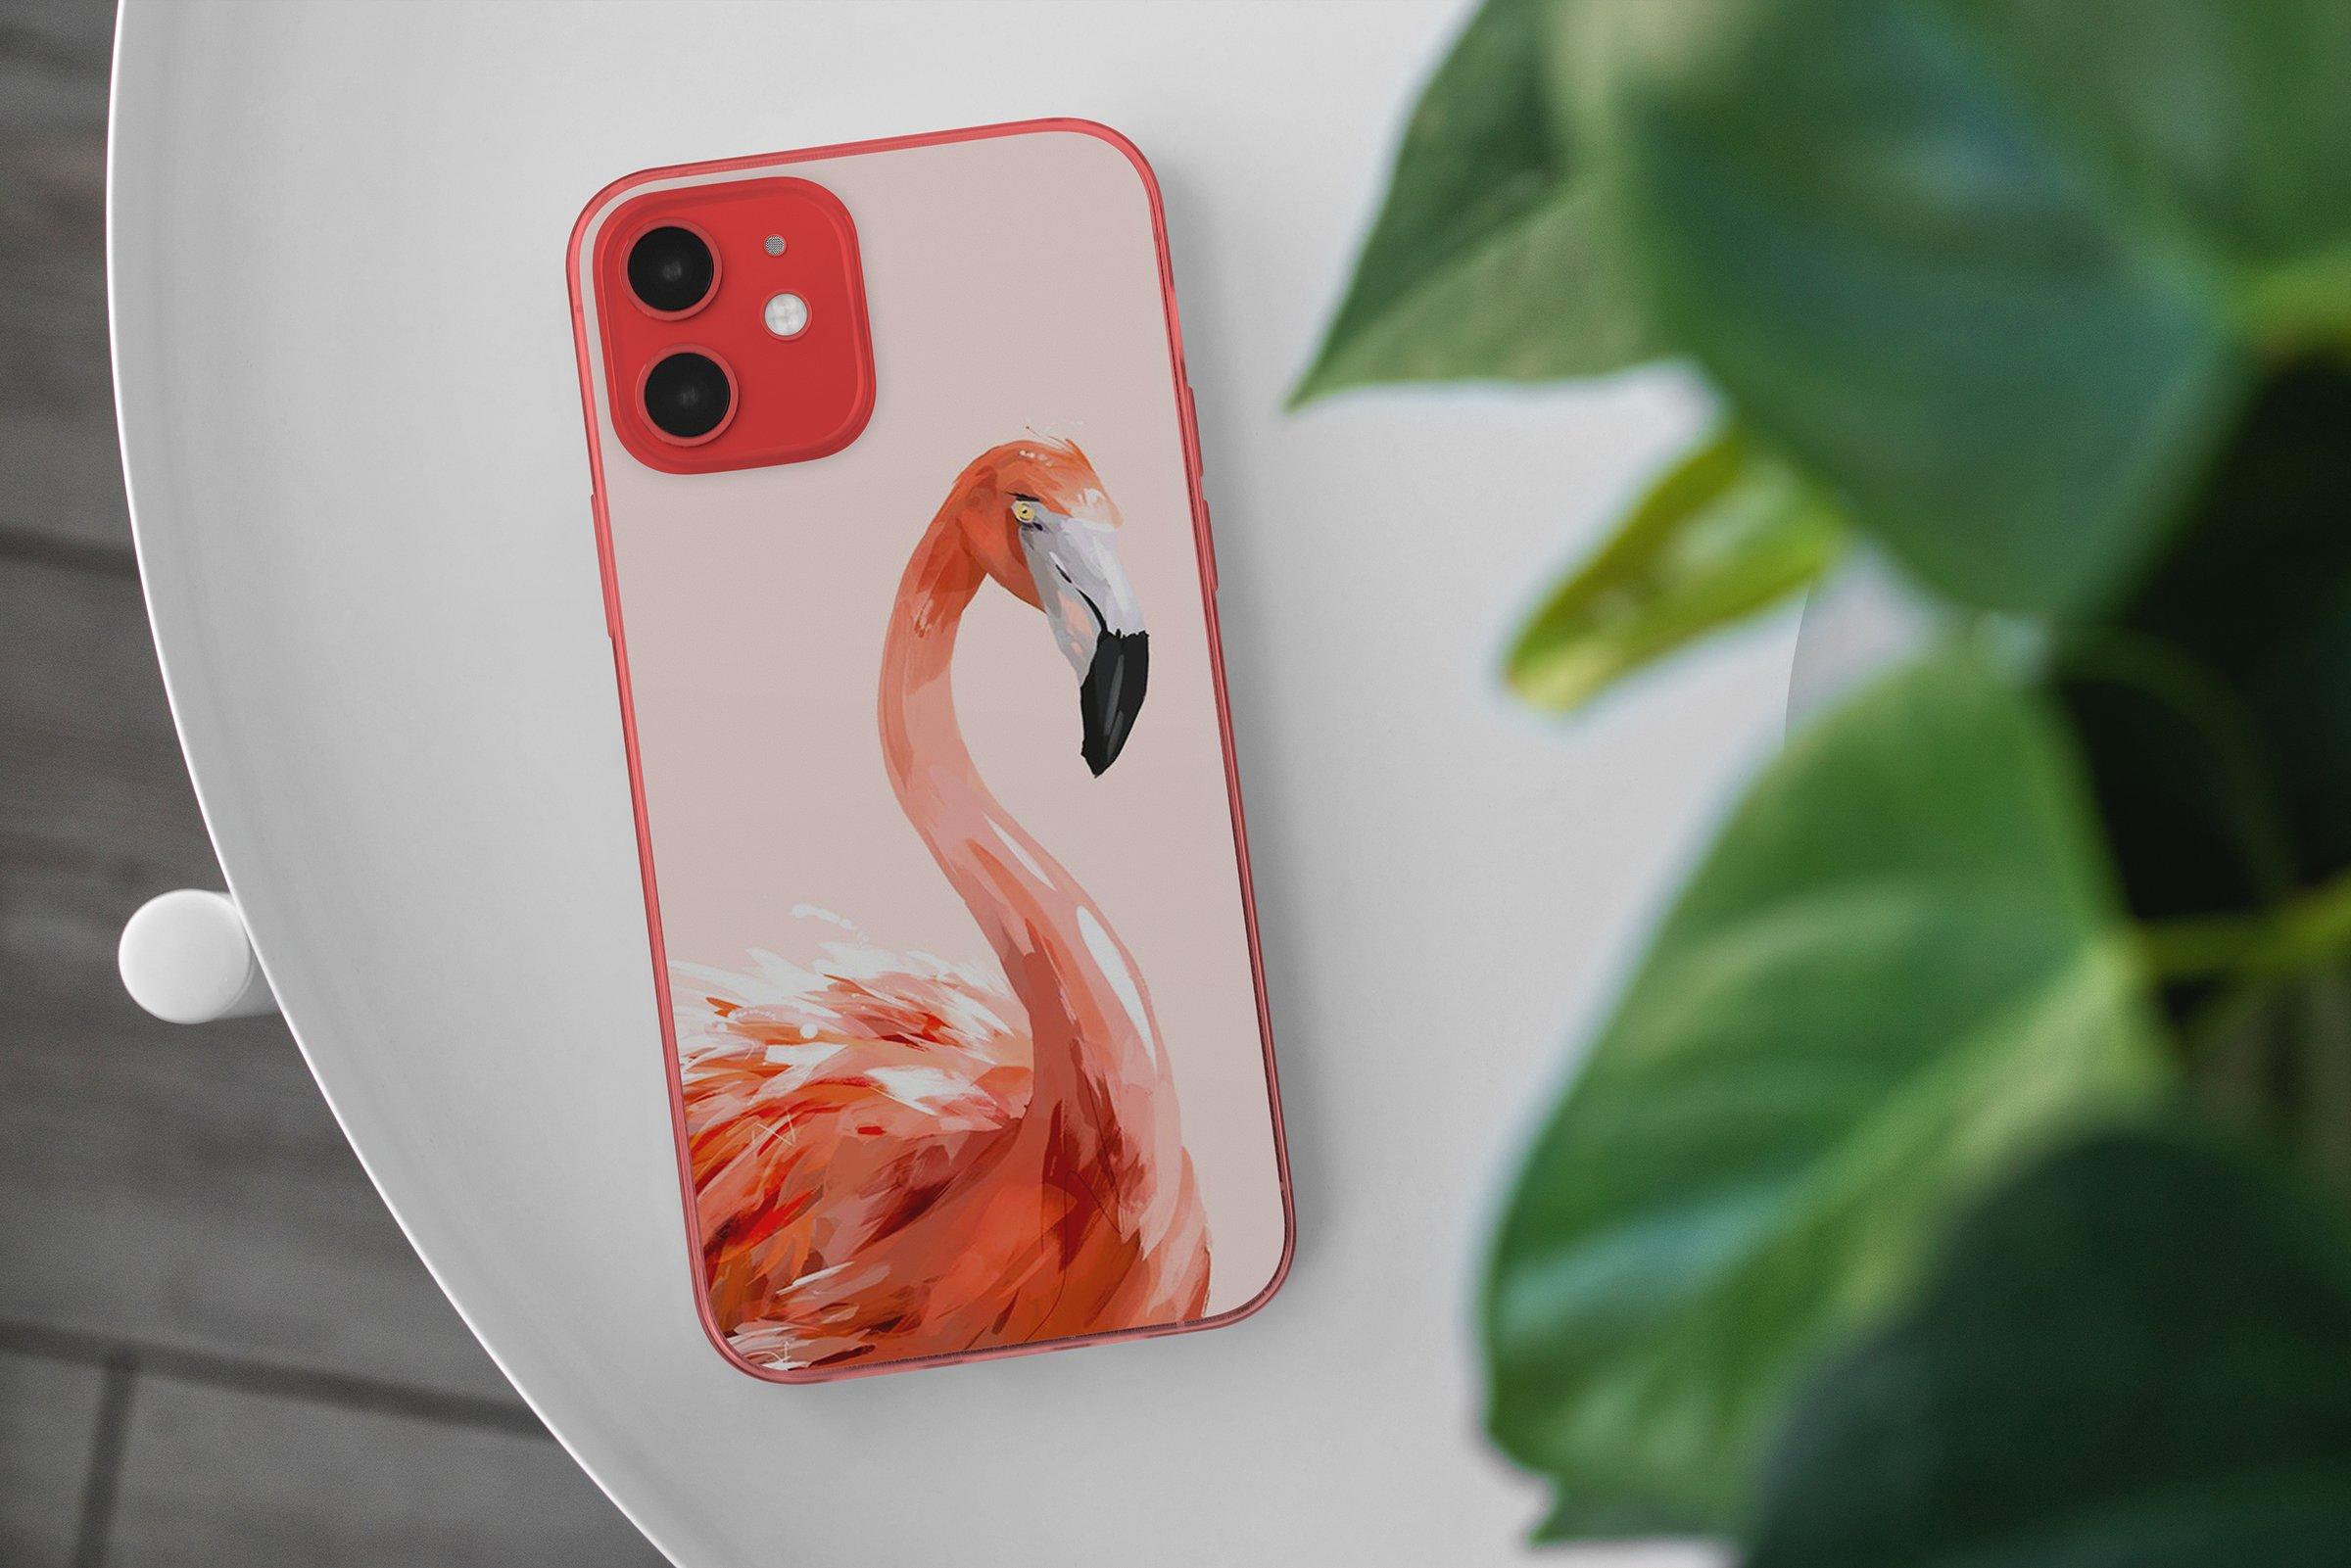 15款时尚苹果iPhone 12手机保护壳设计PS智能贴图样机模板 iPhone 12 Clear Case MockUp Vol.2插图1